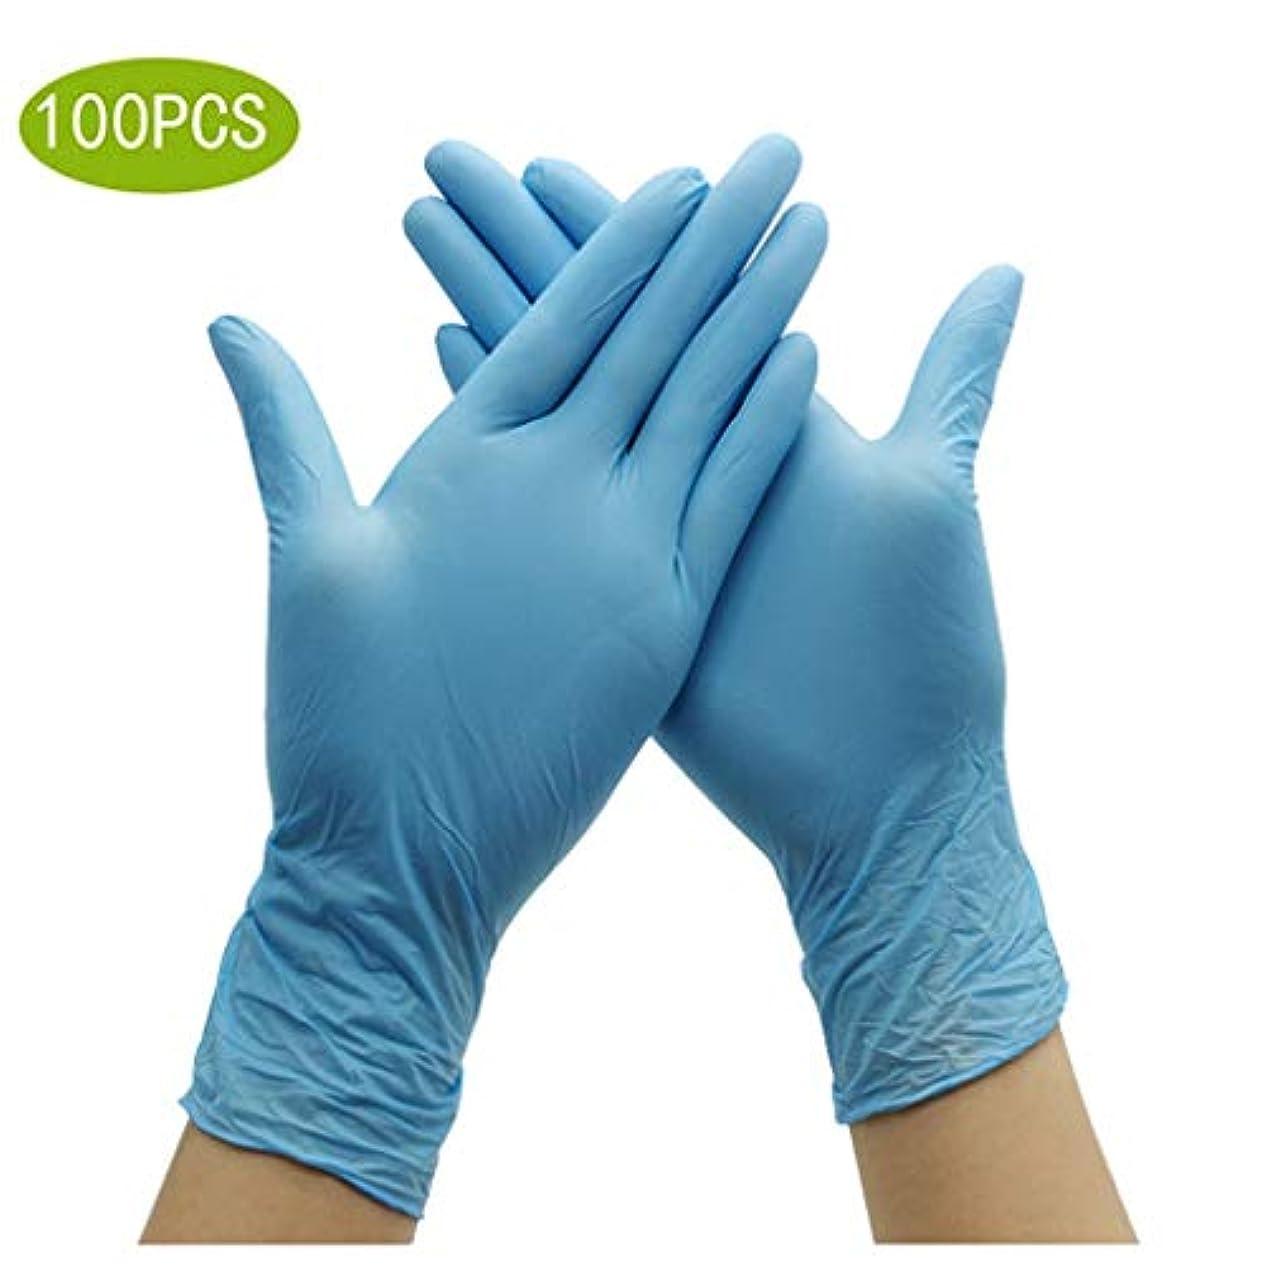 文明居心地の良いモバイルニトリル医療グレード試験用手袋、使い捨て、ラテックスフリー、100カウント、サイズ大